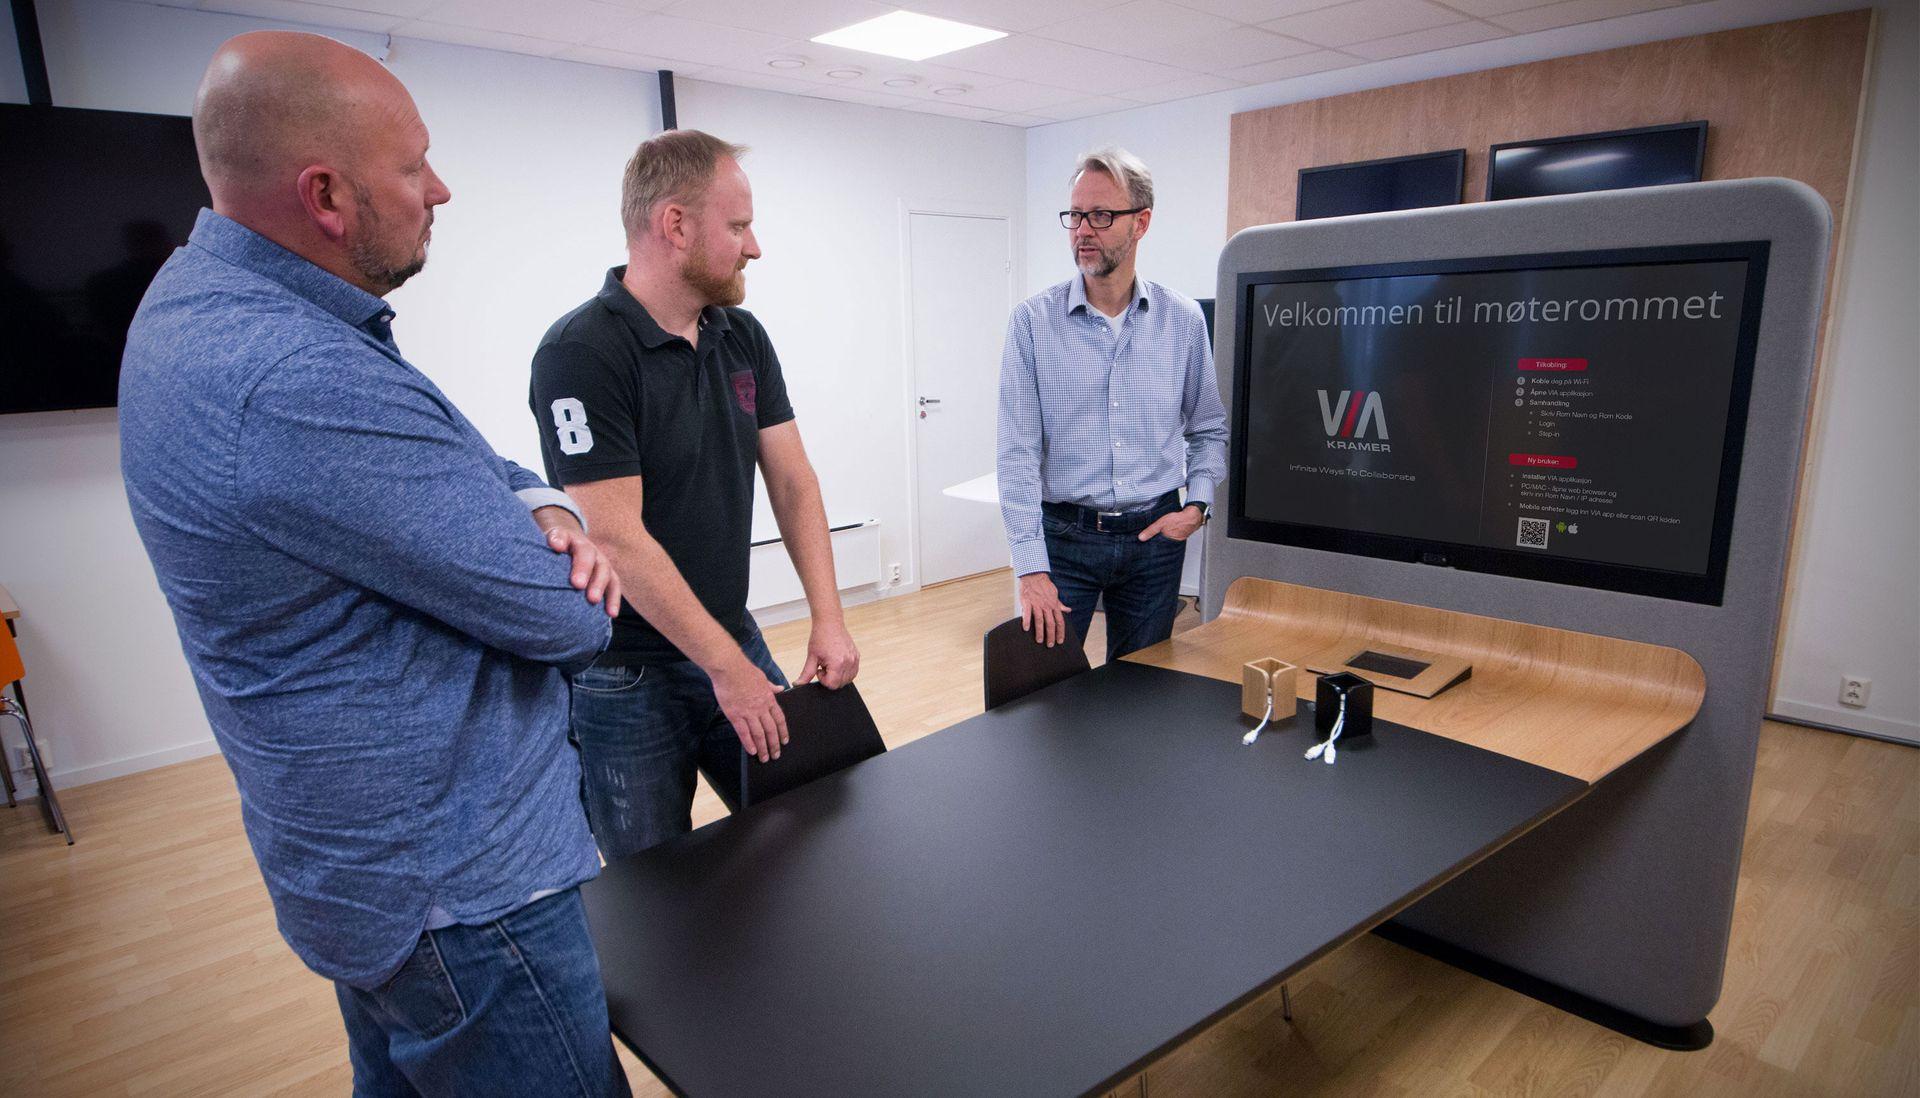 Øyvind Jacobsen, Borgar Kristiansen og Odd Martinsen står foran prototypen, et komplett og brukervennlig møterom samlet i ett enkelt bord.